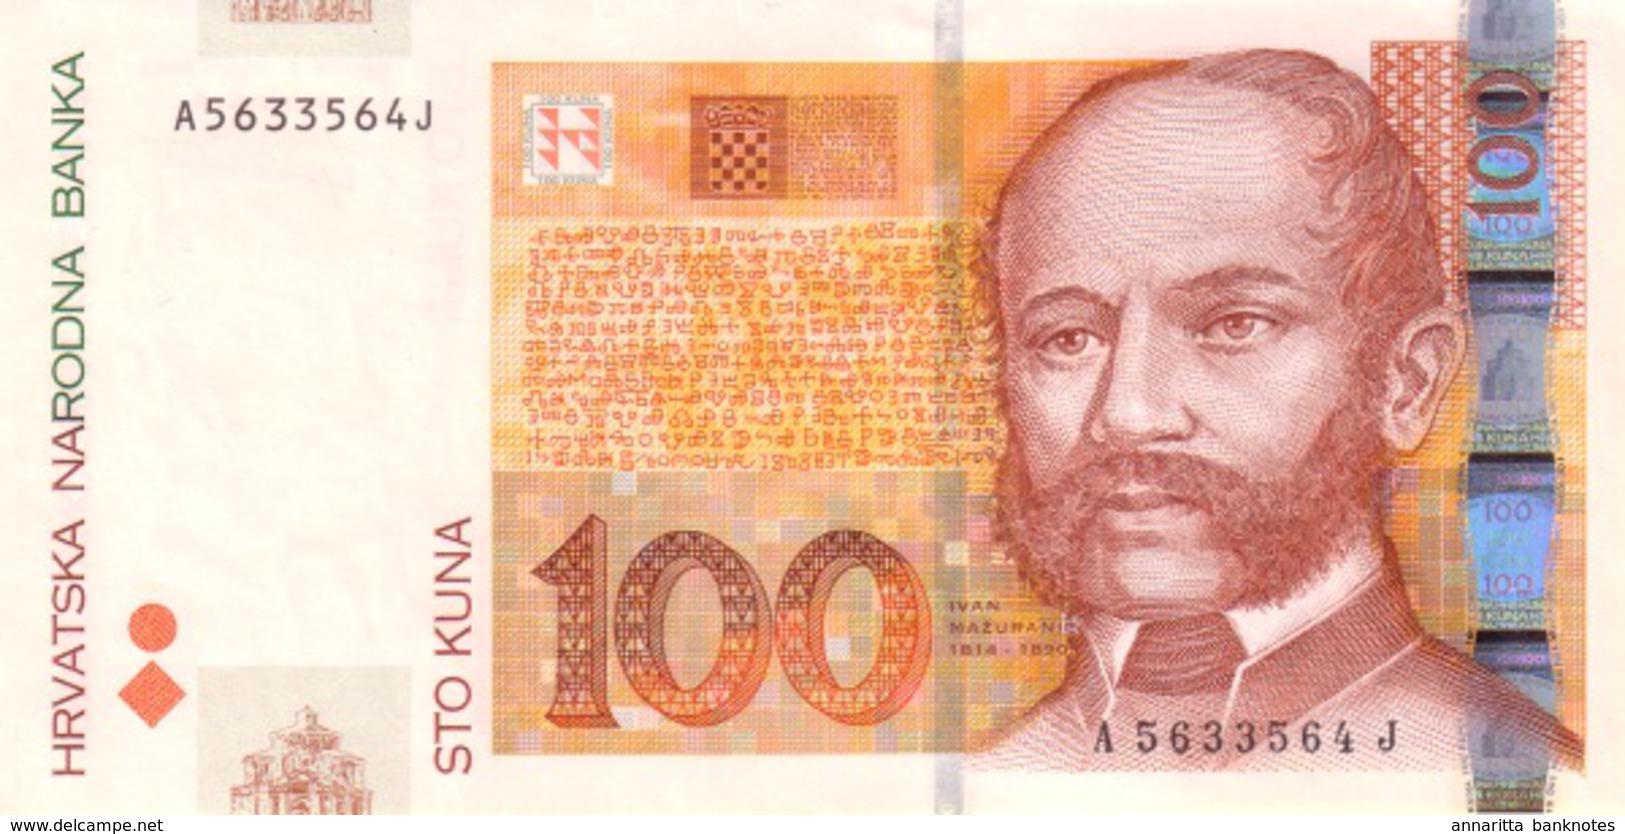 CROATIA 100 KUNA 2002 P-41a UNC [ HR505a ] - Croatia